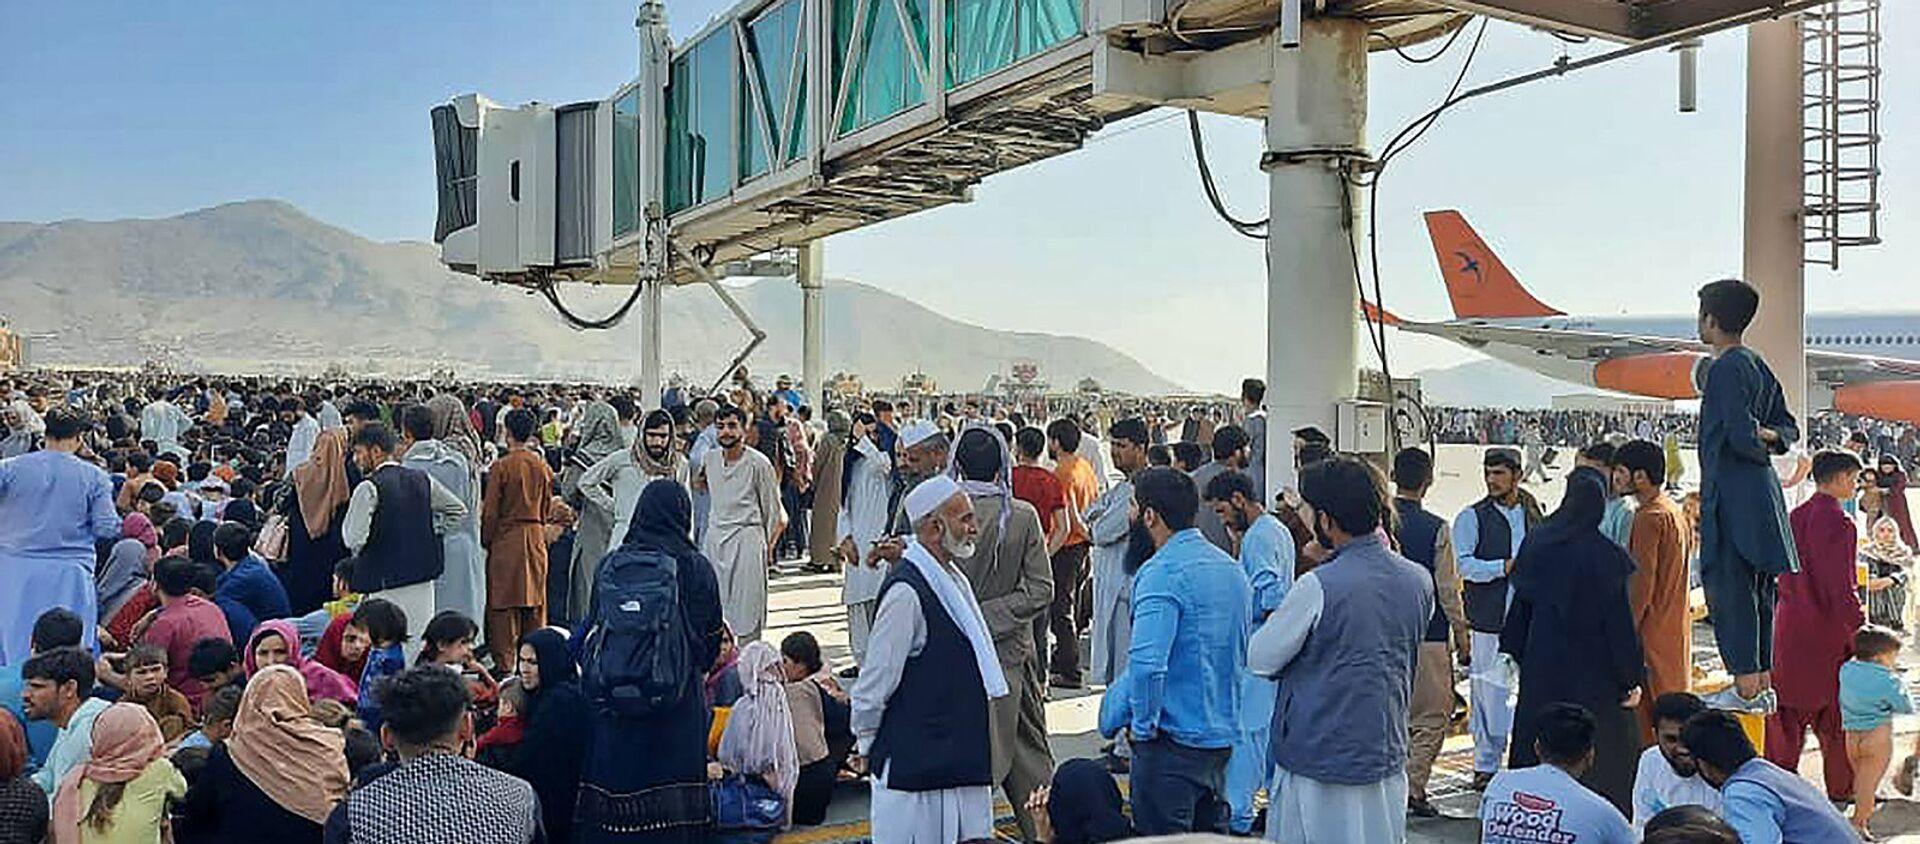 Афганцы толпятся на летном поле кабульского аэропорта, чтобы бежать из страны (16 августа 2021). Афганистан - Sputnik Արմենիա, 1920, 17.08.2021